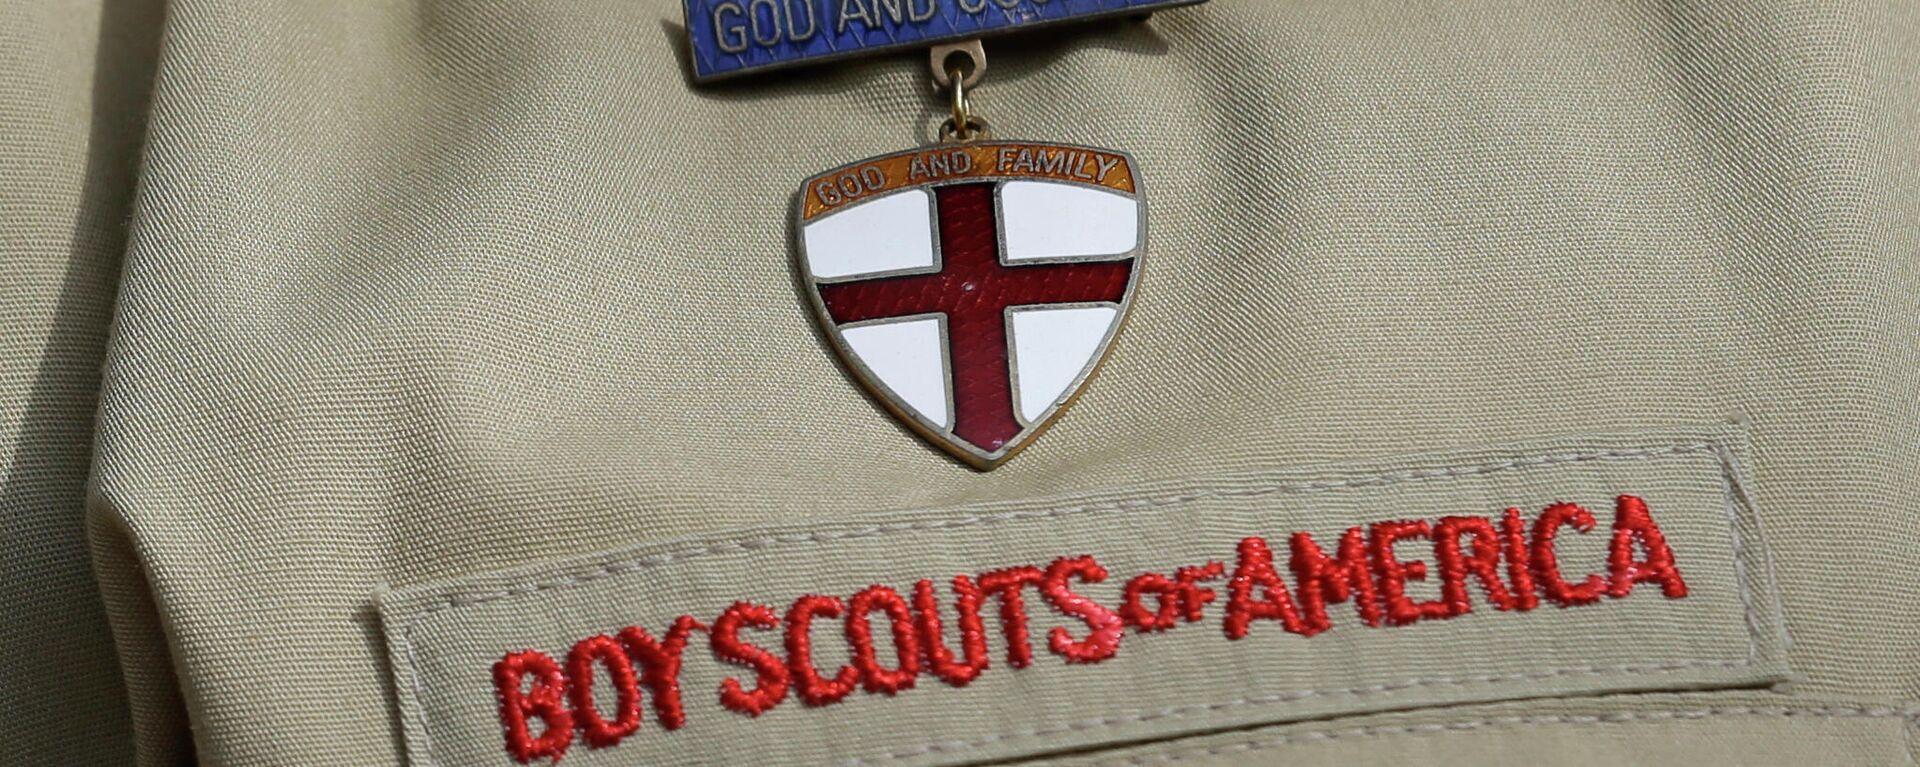 Uniform der Mitglieder der Boy Scouts of America - SNA, 1920, 02.07.2021